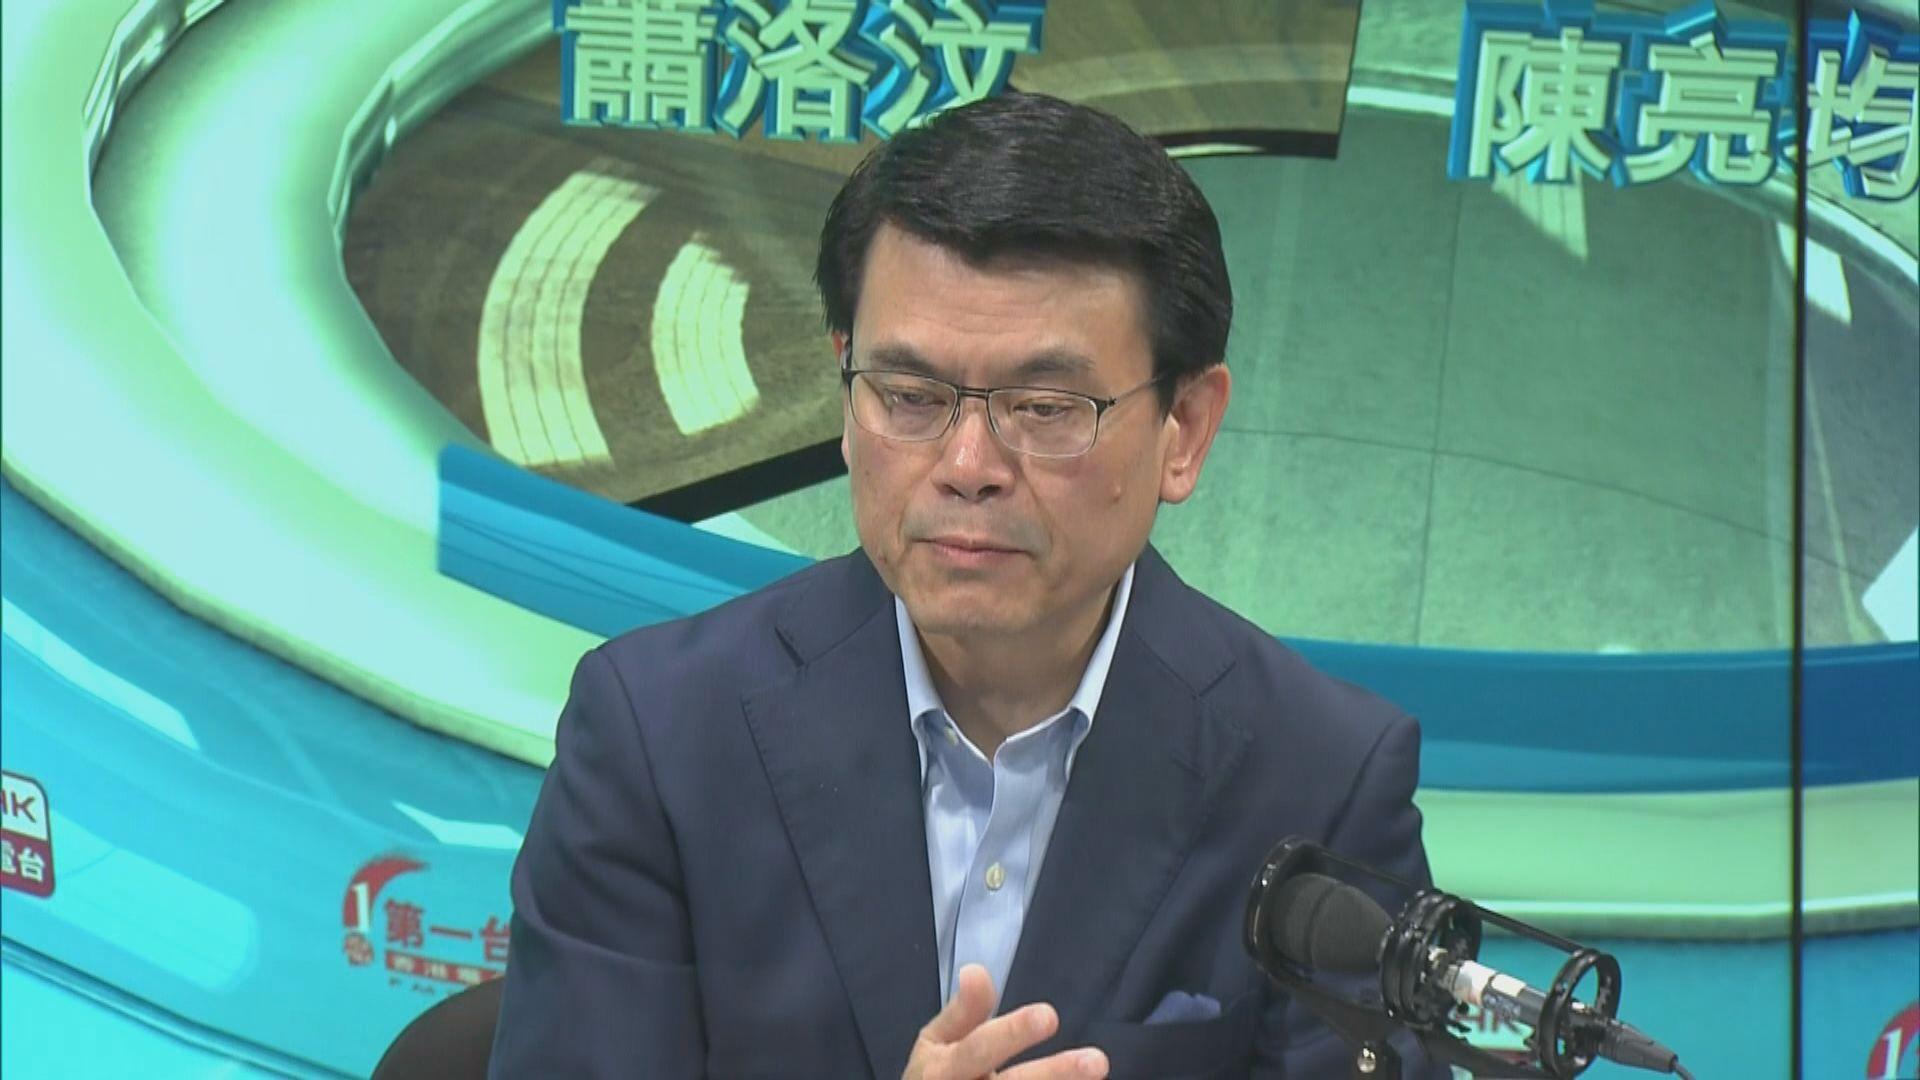 本港今年首季經濟增長放緩至0.5%